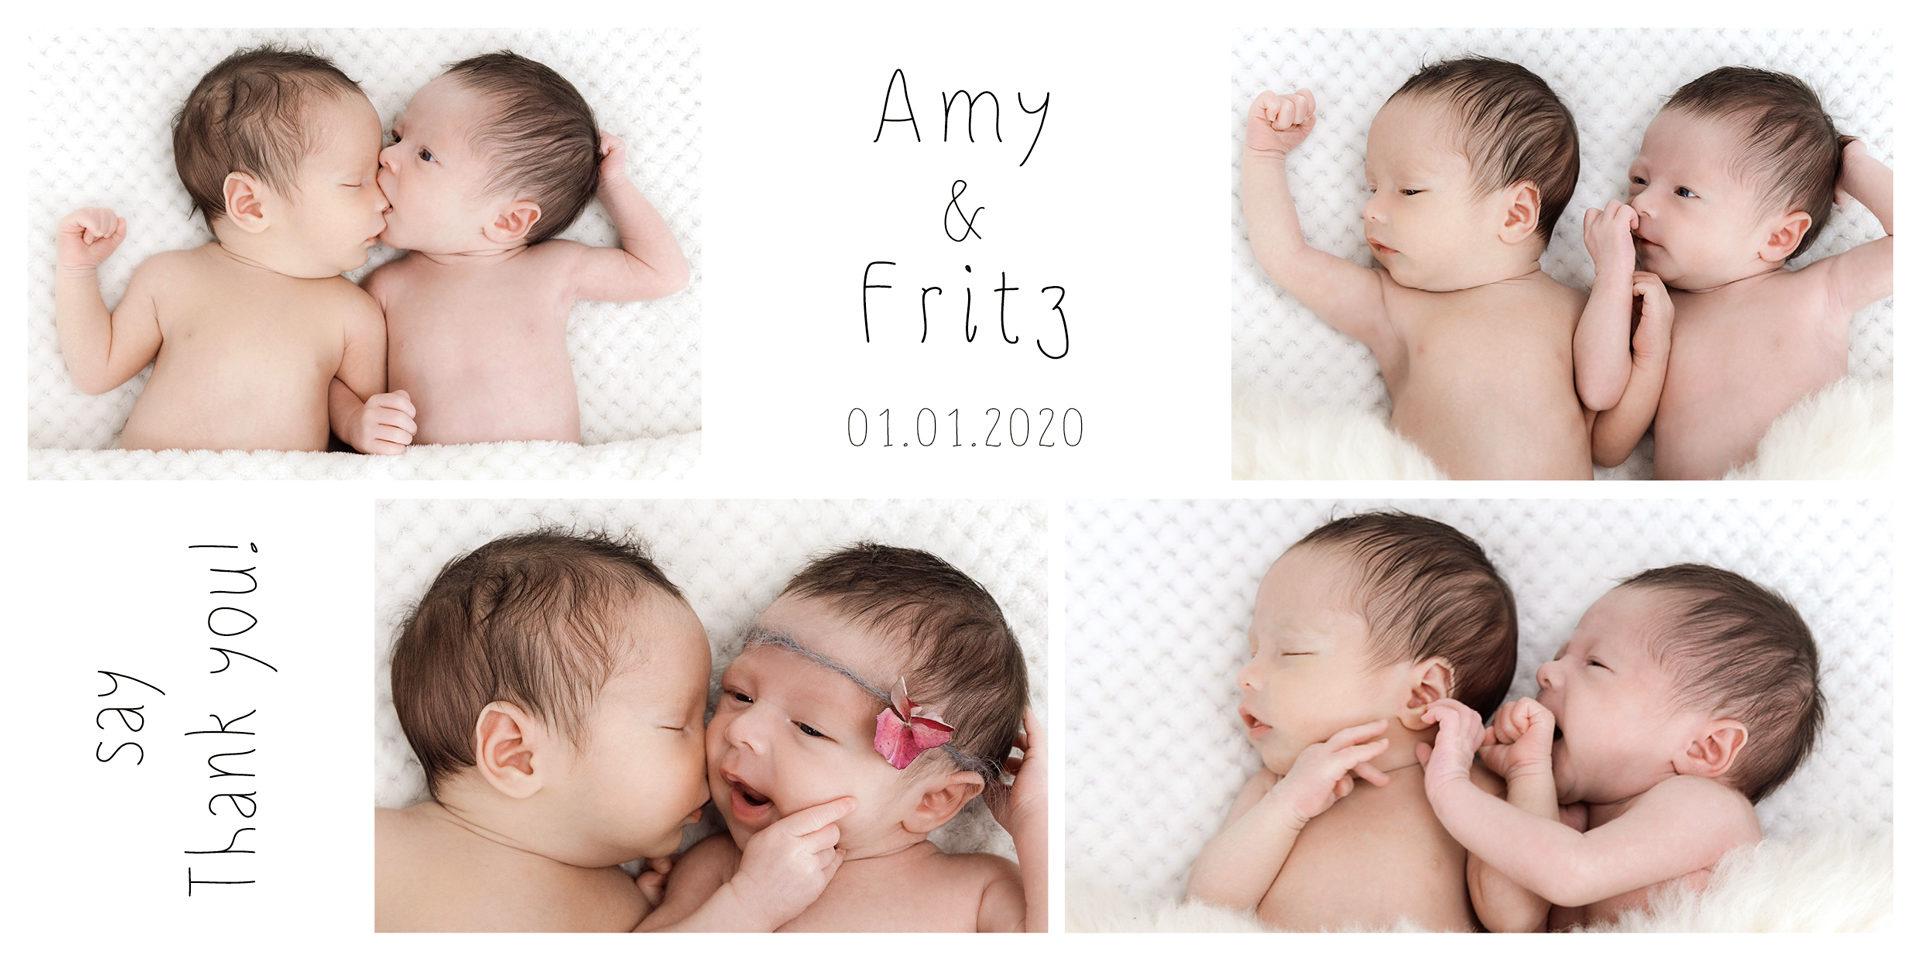 amy-and-fritz-wärmer